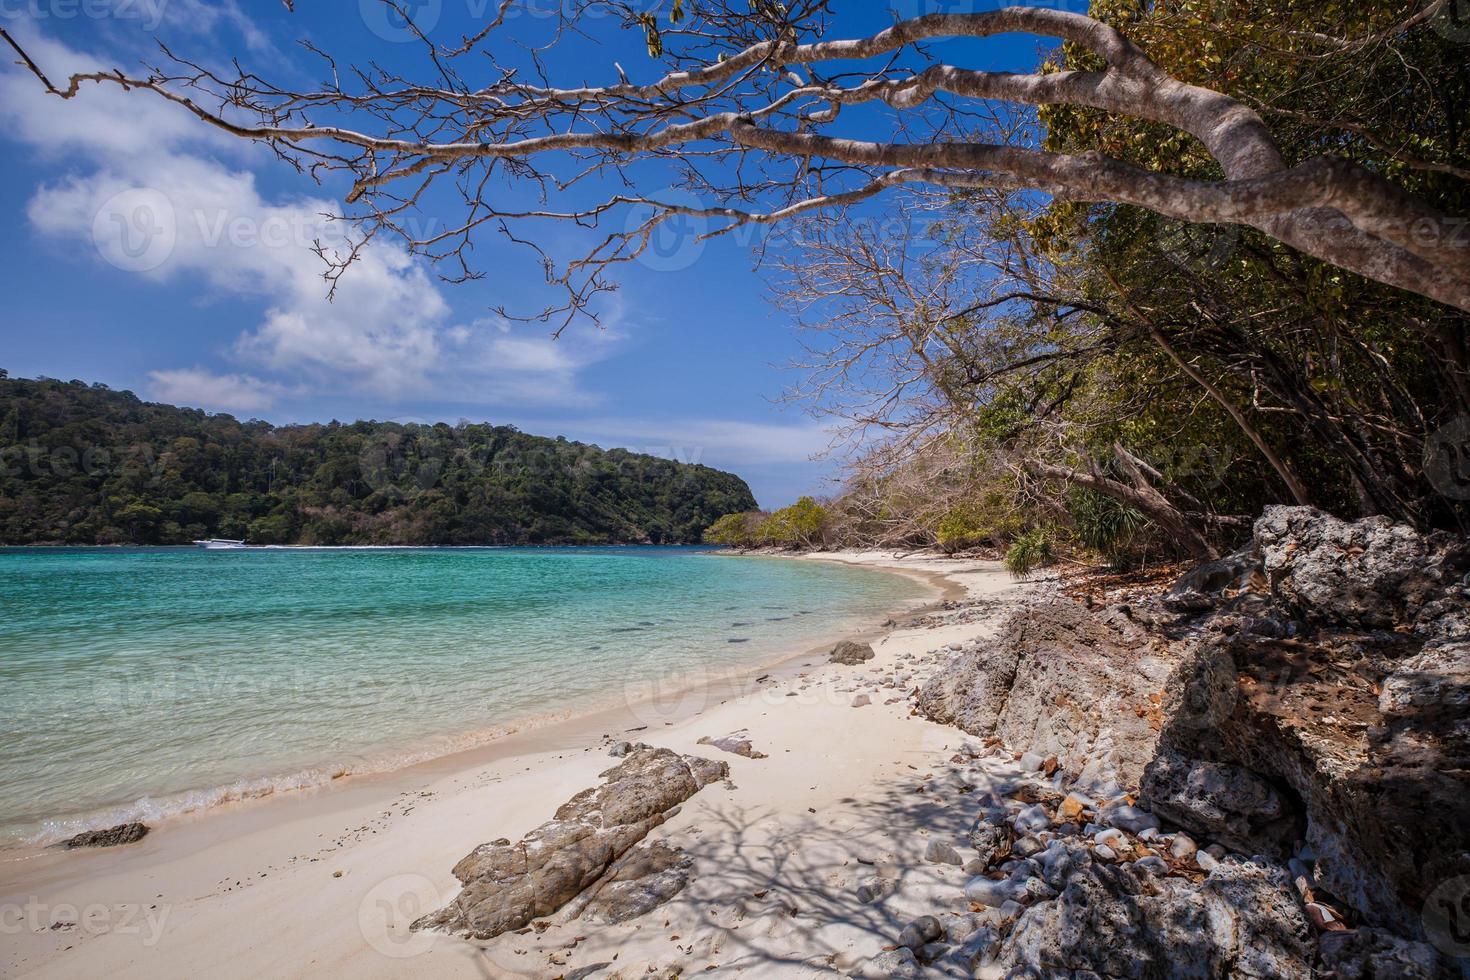 arbres sur une plage tropicale photo